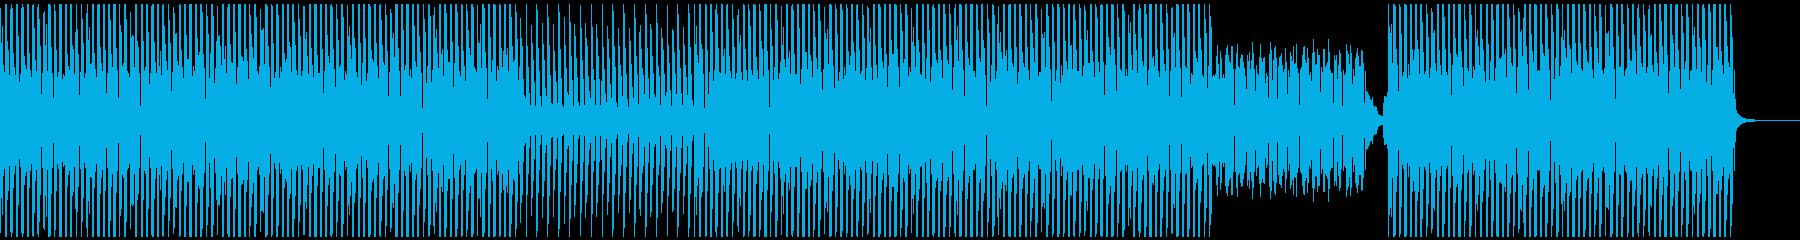 パワフルでアップテンポなミニマルテクノの再生済みの波形